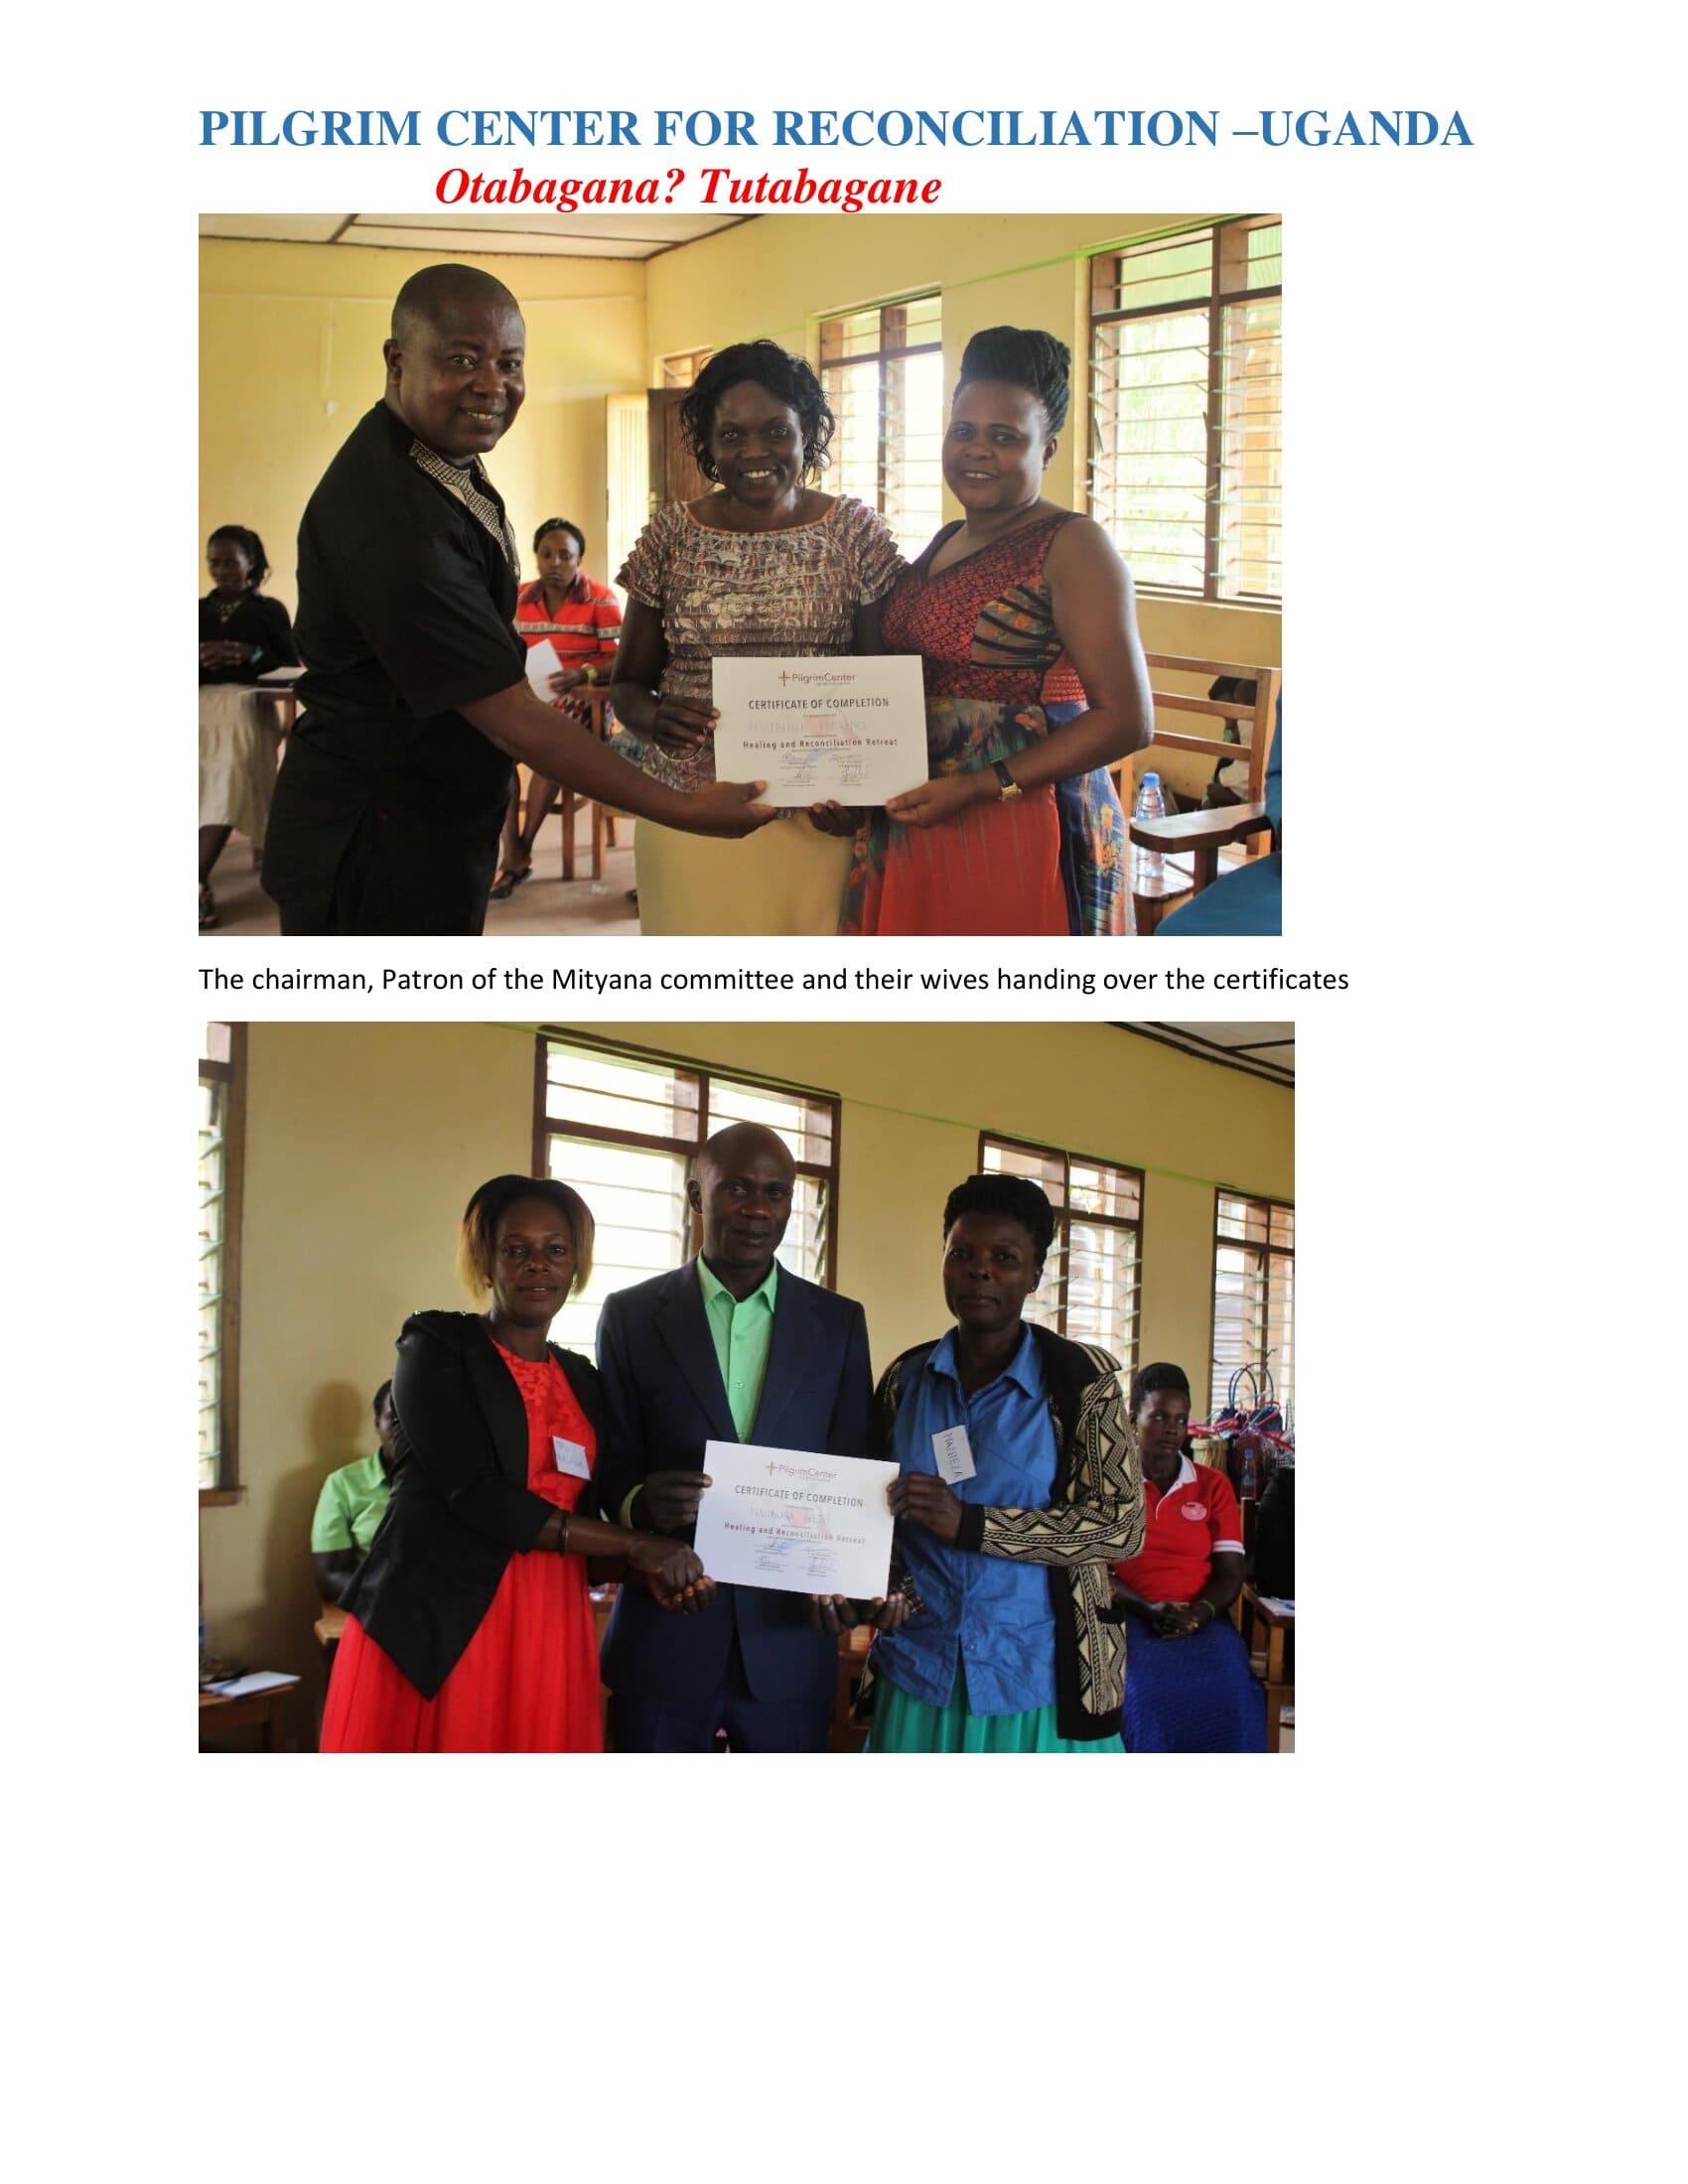 Pirigrim center for reconcilation -Uganda _0028-min